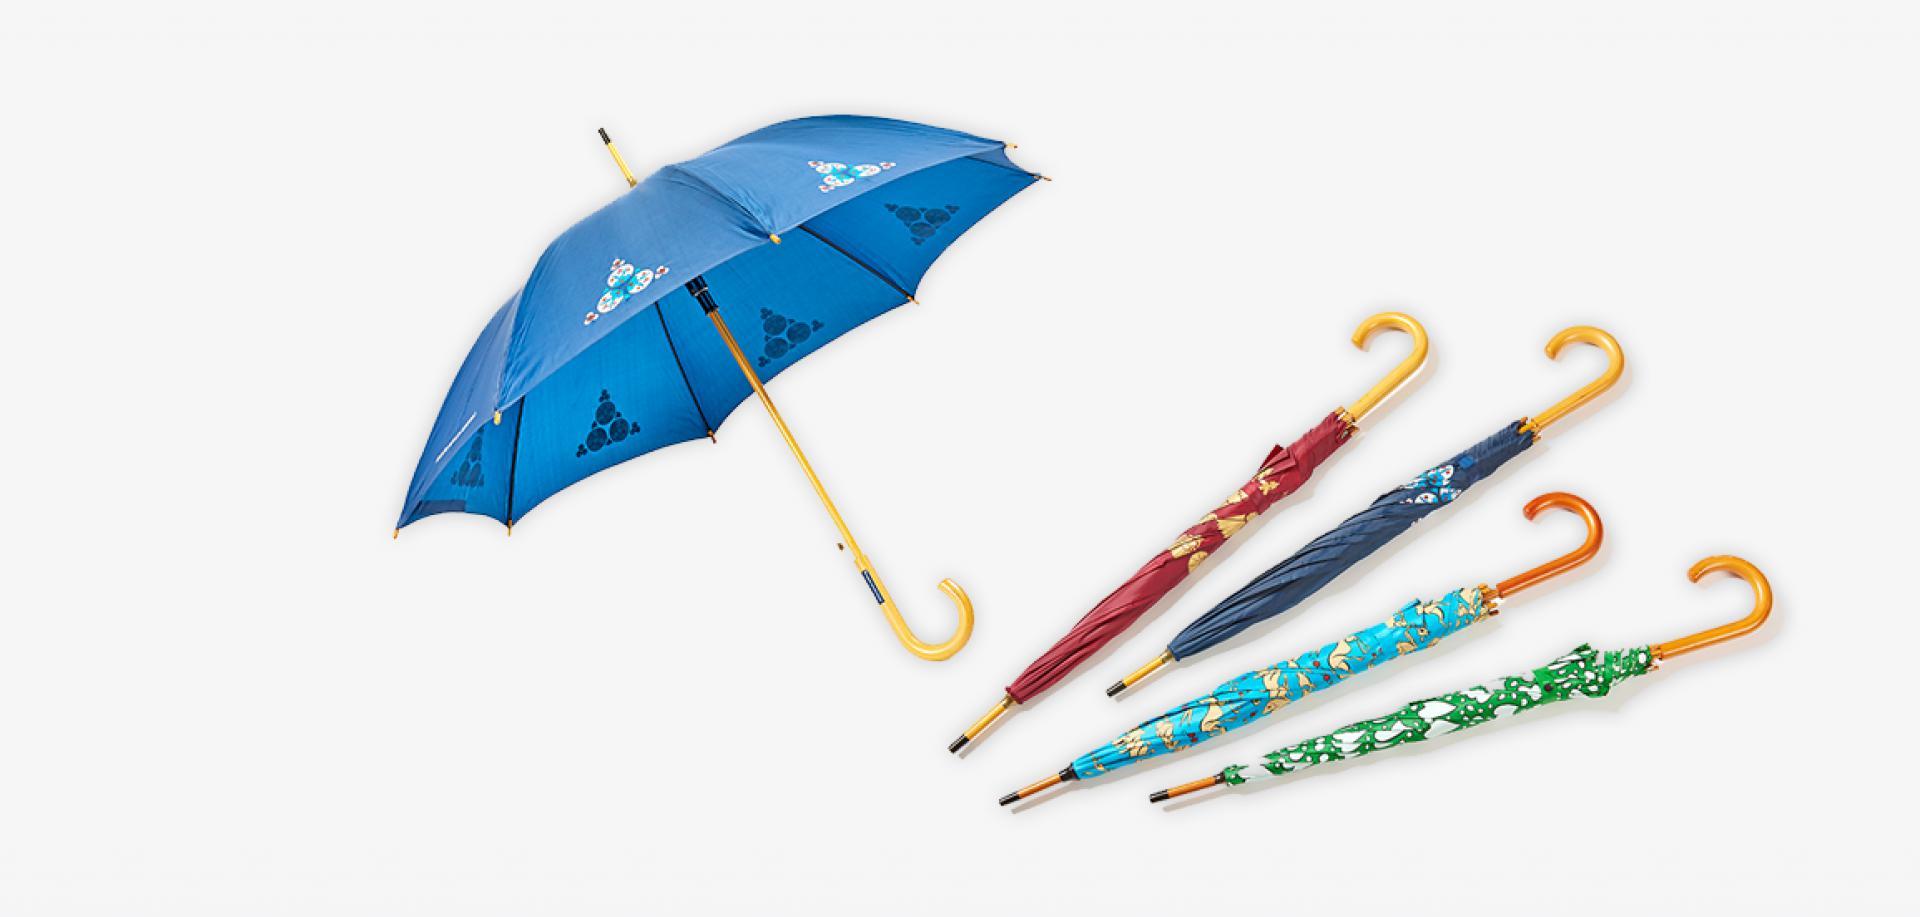 Şemsiye - MAĞAZA - Sadberk Hanım Müzesi